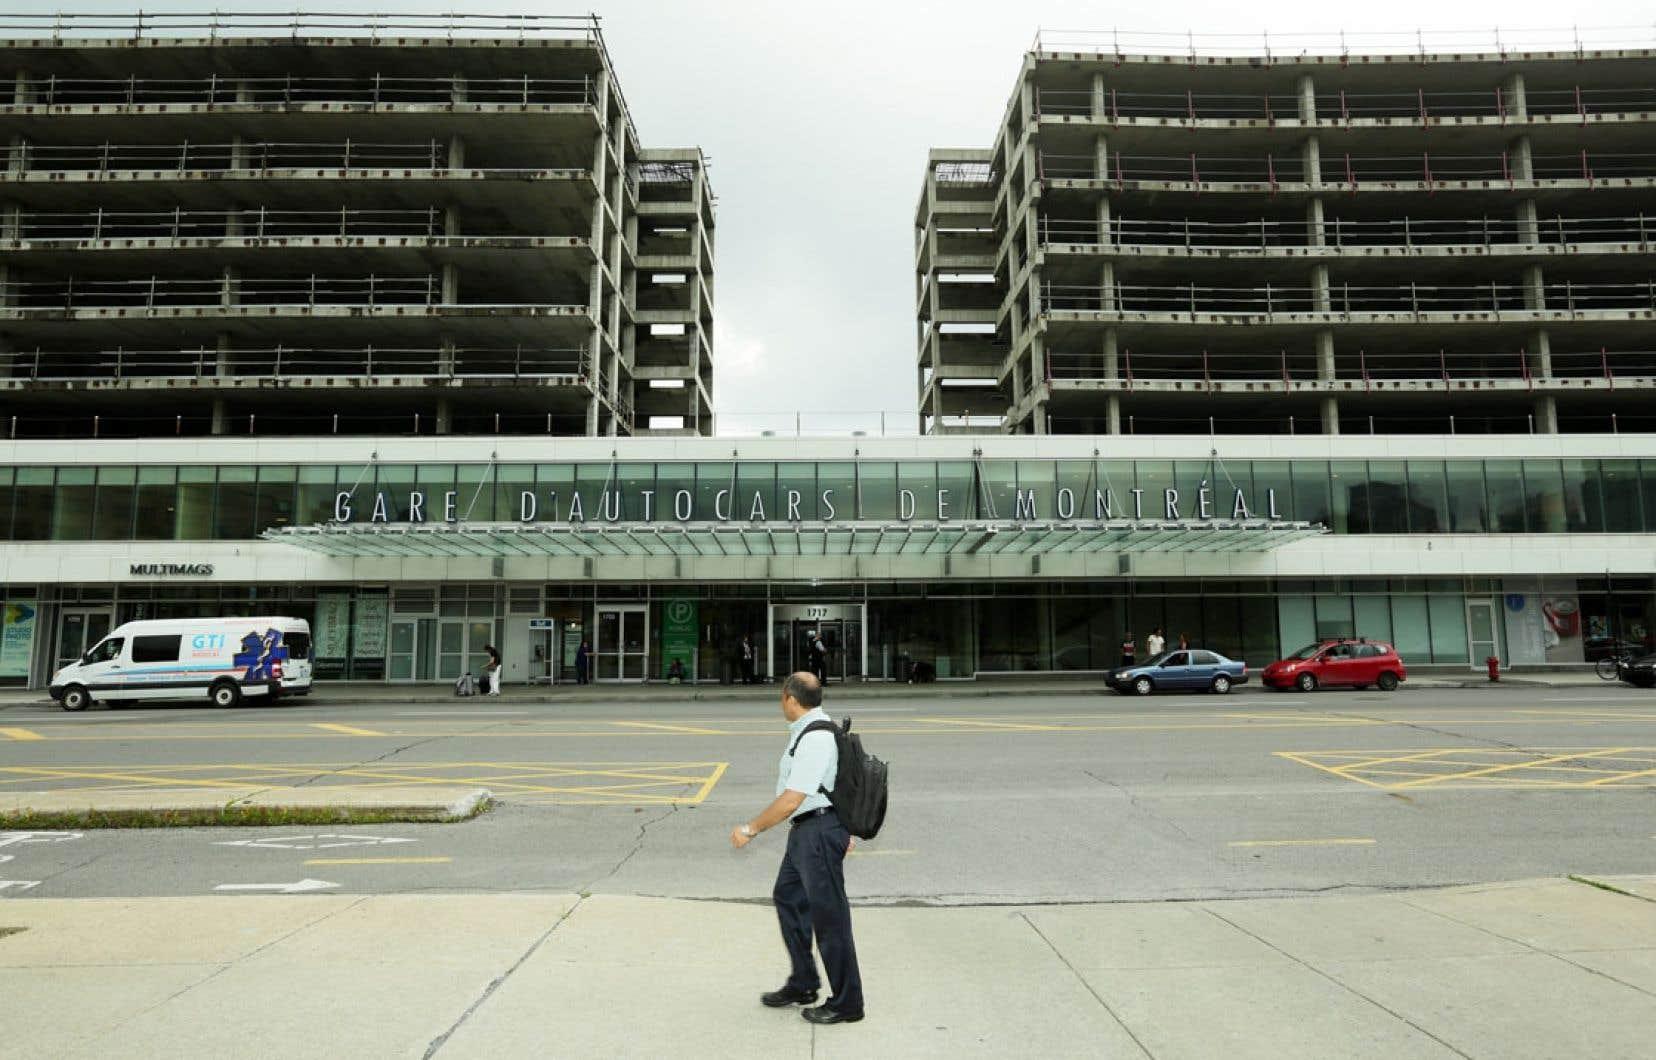 L'éléphant blanc est là, inchangé ou presque depuis 2006, à l'exception de l'ouverture, au rez-de-chaussée, de la nouvelle gare d'autocars.